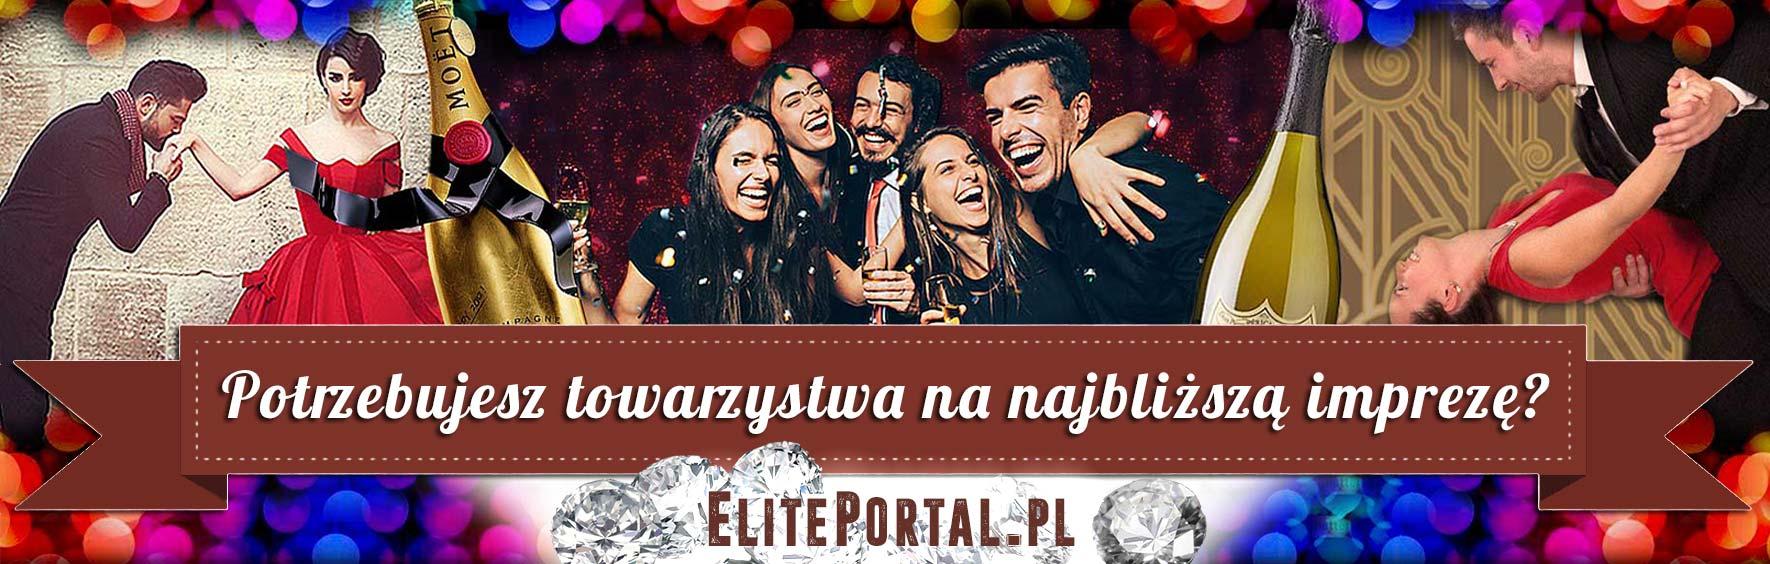 eliteportal